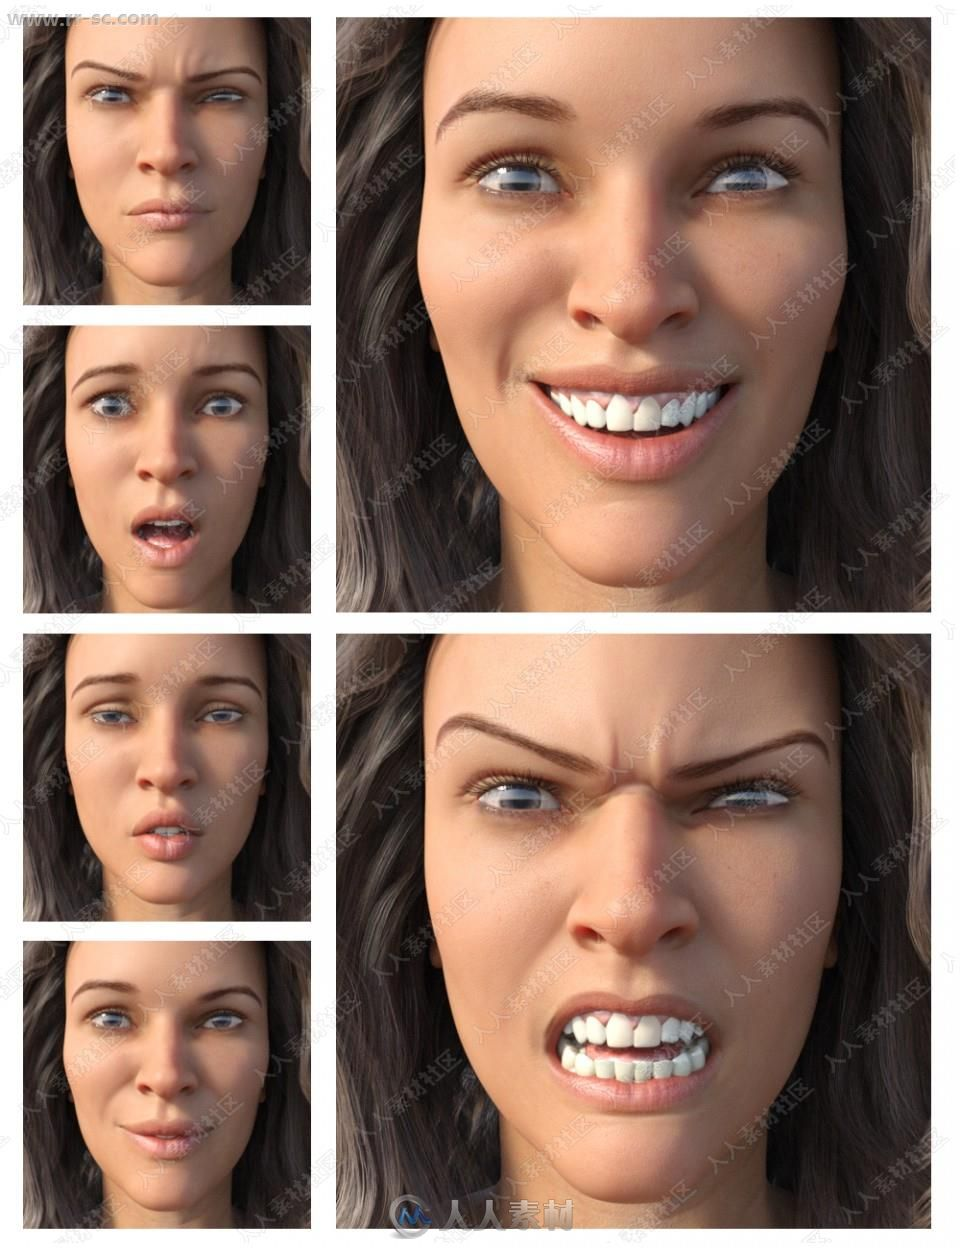 多组女孩悲伤欢乐愤怒惊讶表情动作3D模型